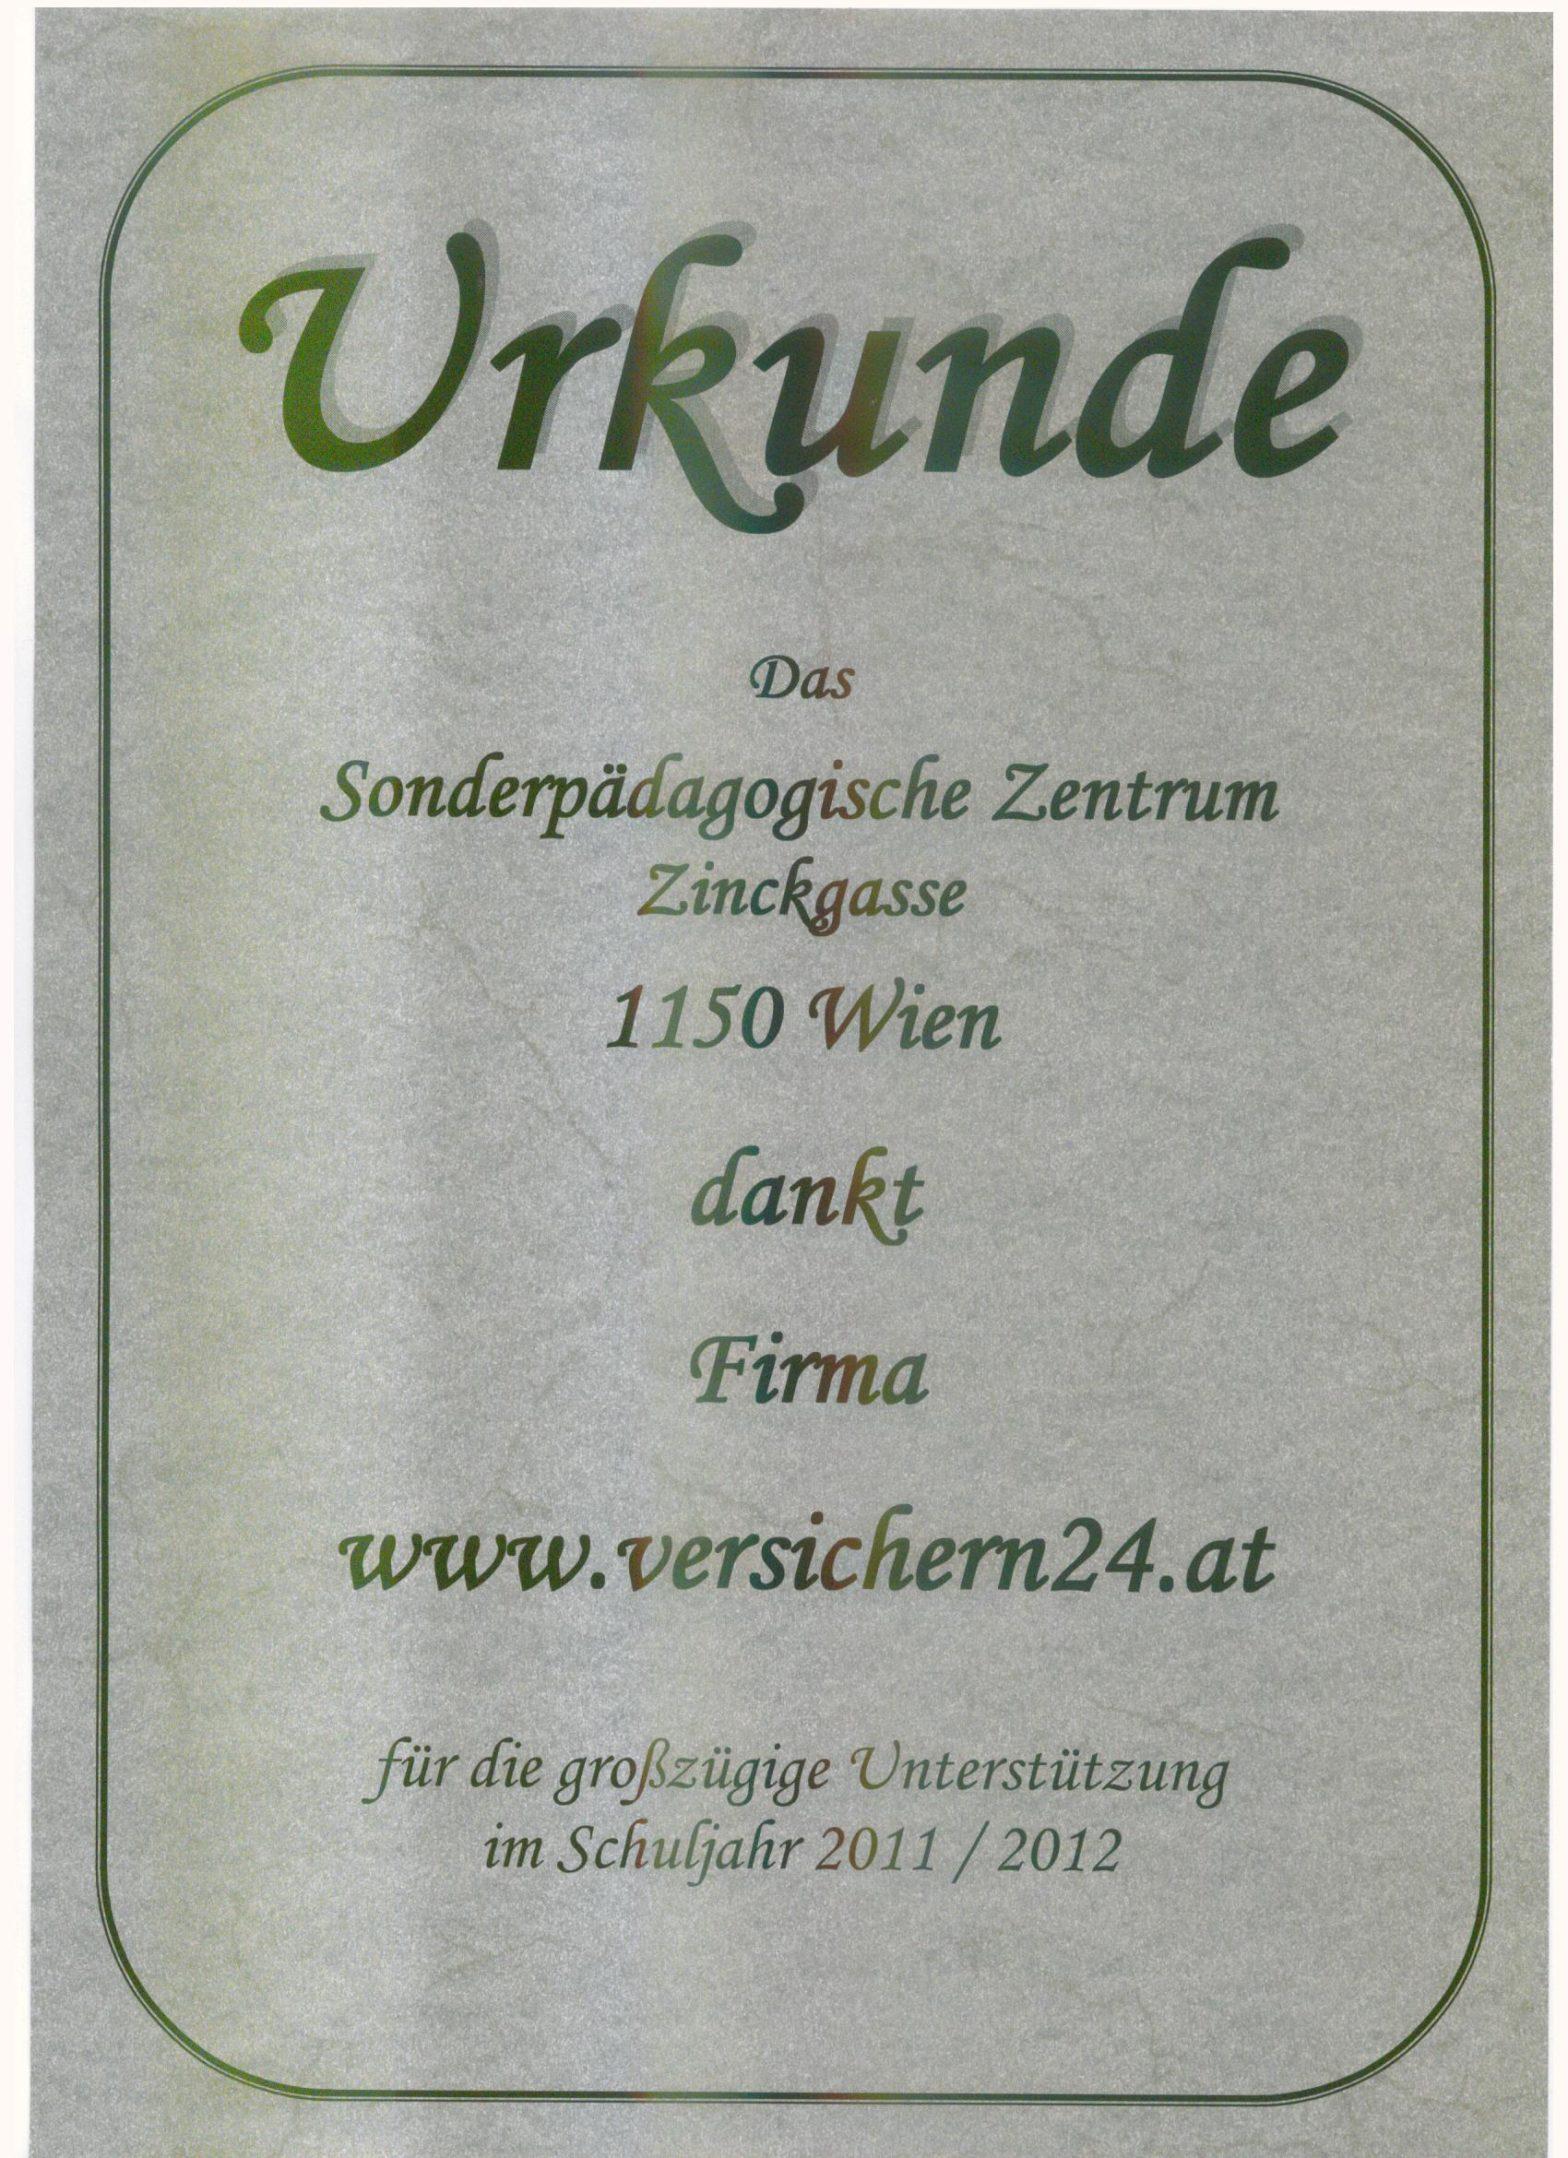 urkunde_versichern24_001